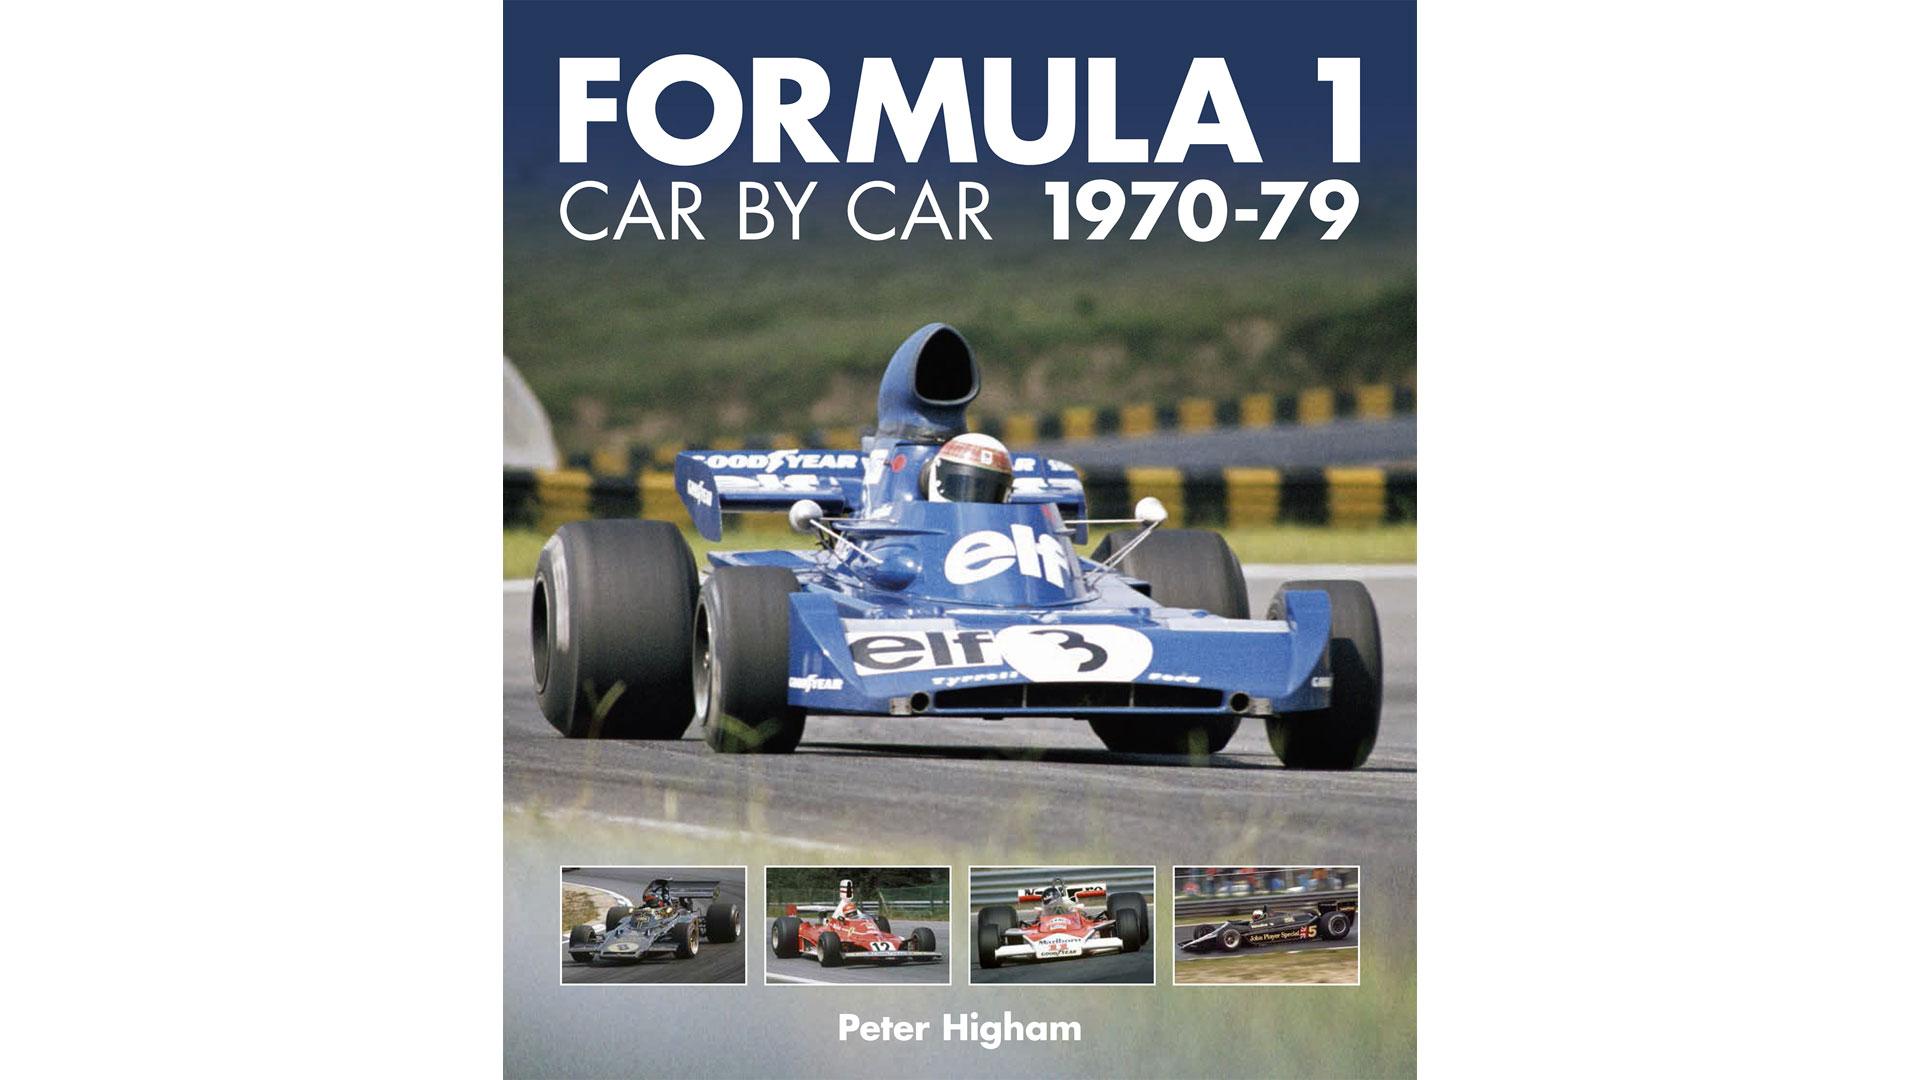 Formula 1 Car-by-Car 1970-79